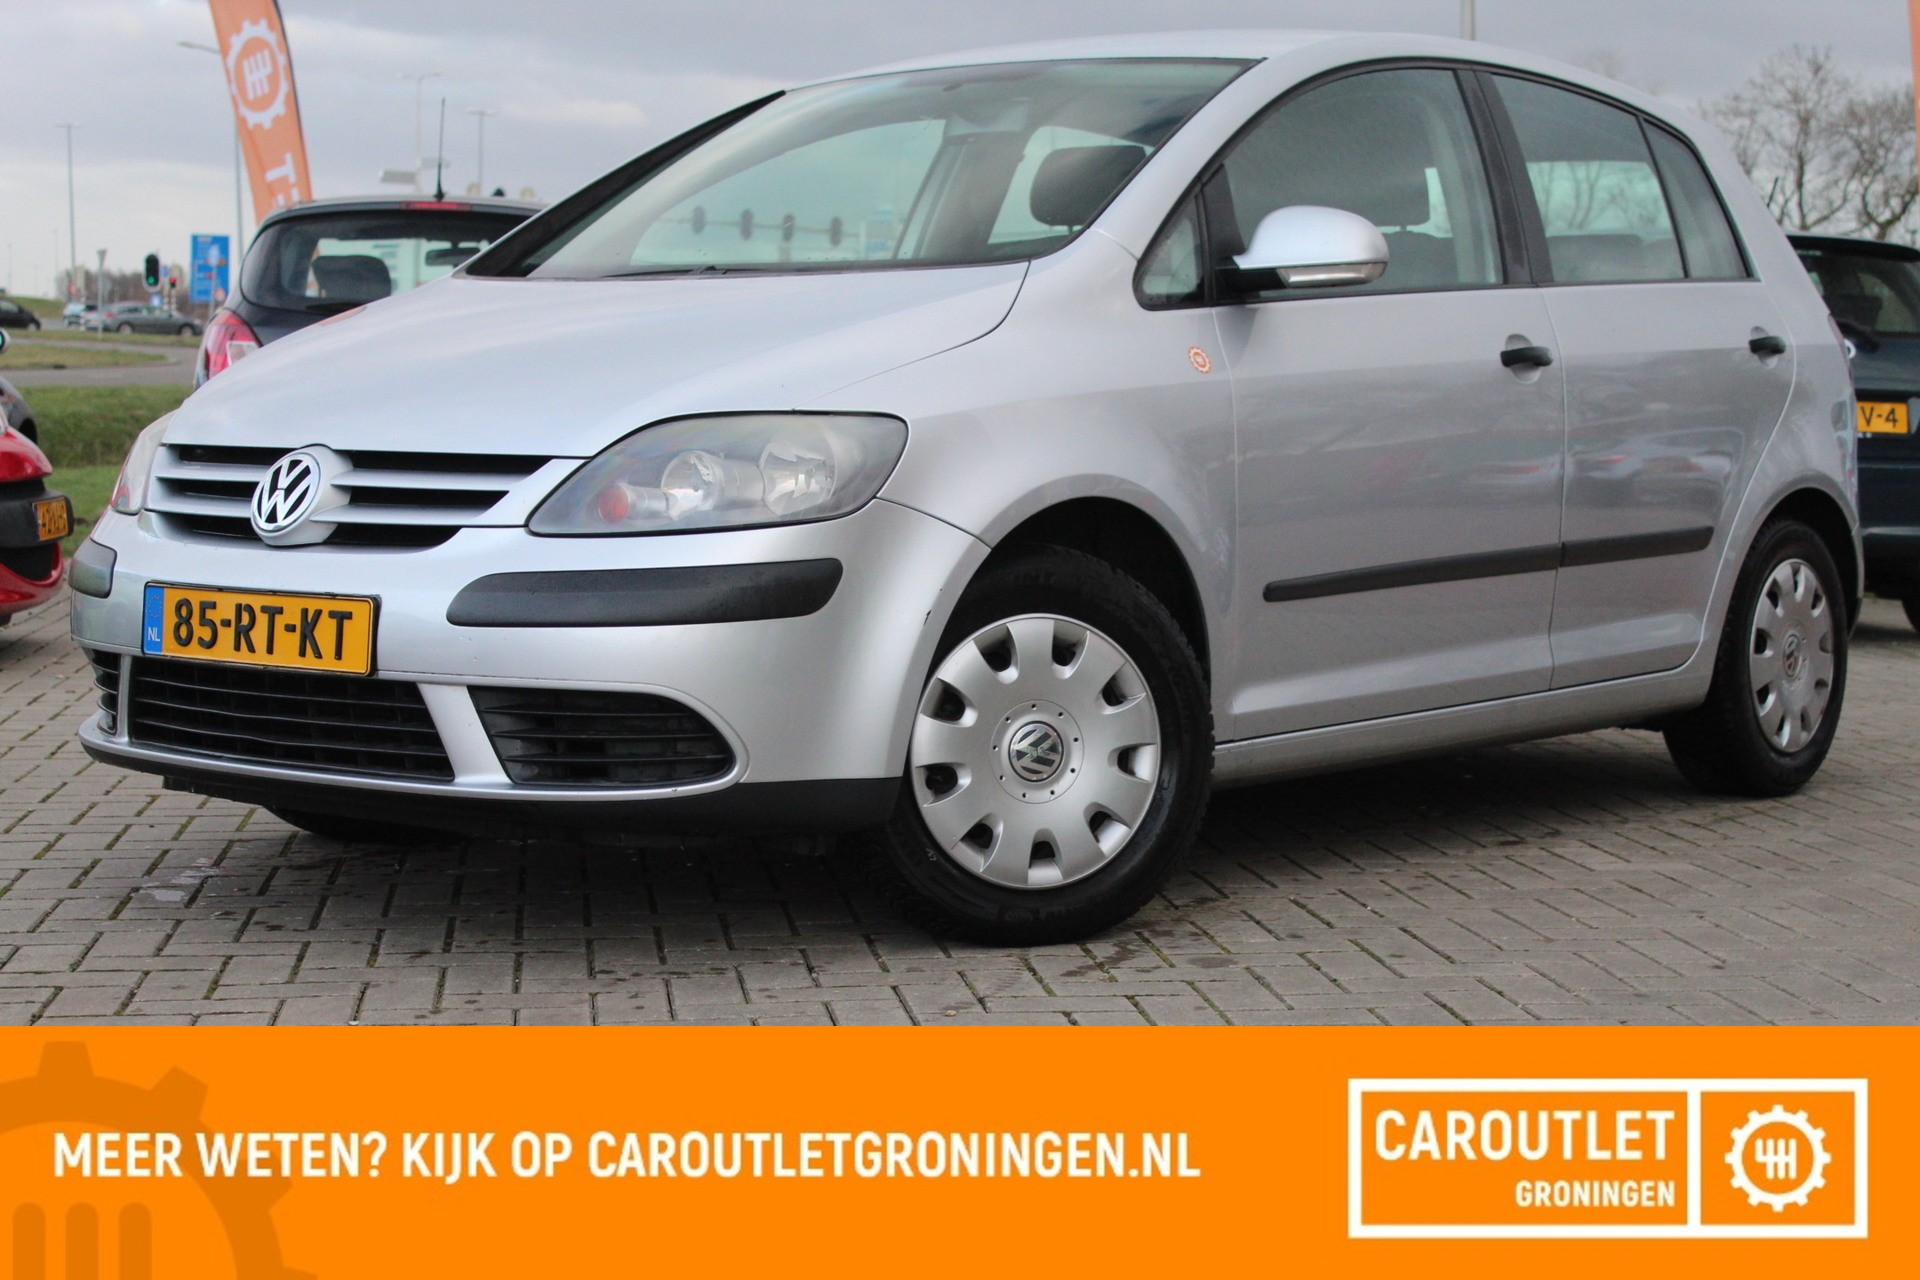 Caroutlet Groningen - Volkswagen Golf Plus 1.6 FSI | AIRCO | TREKH | ELEK PAKKET